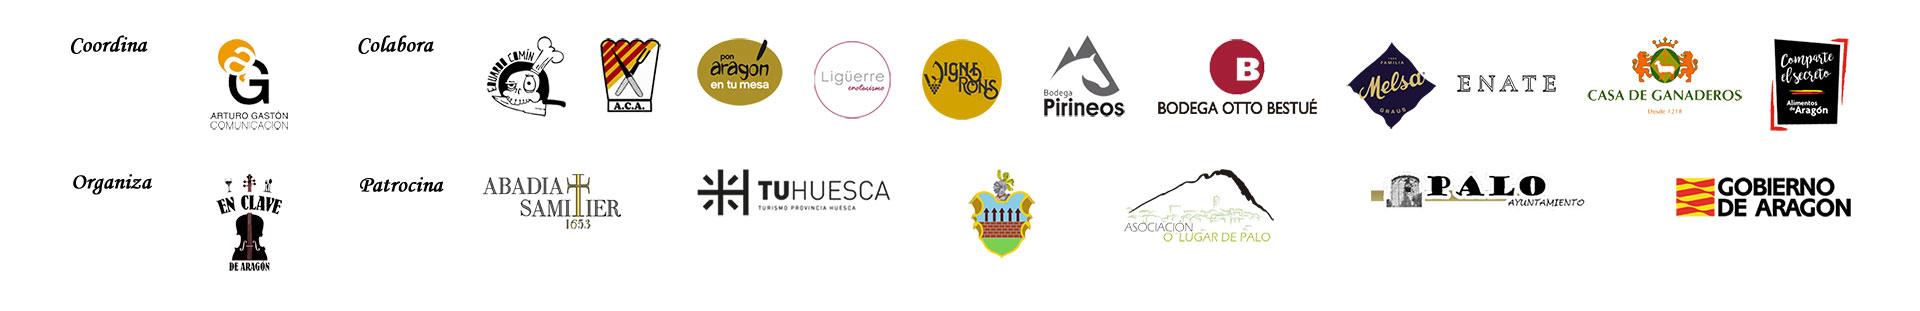 logos-en-clave-2019